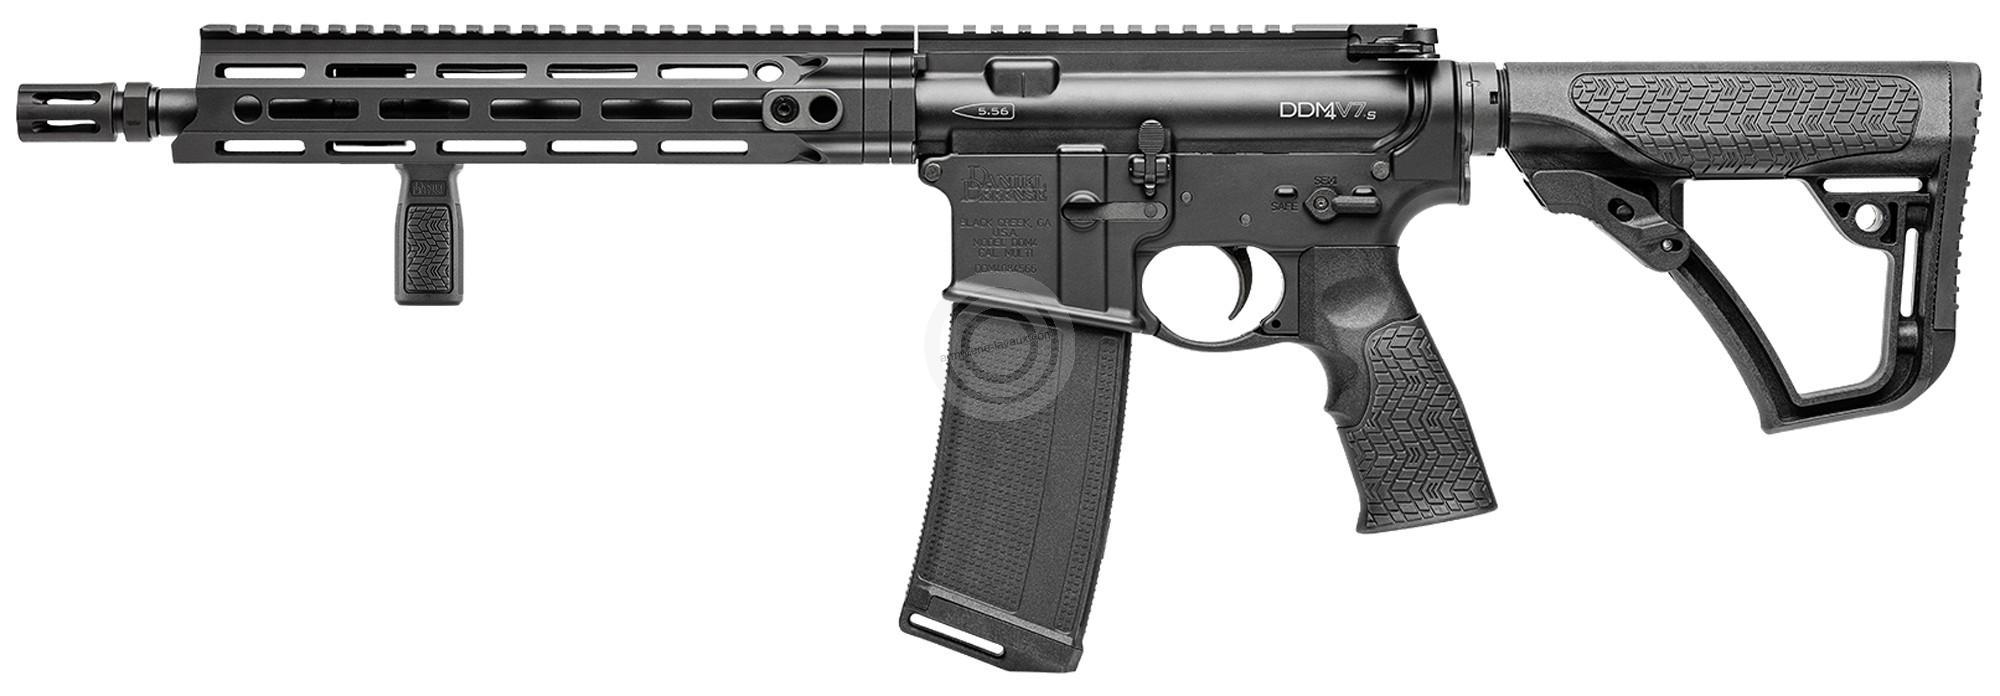 DANIEL DEFENSE M4 V7 S 11.5